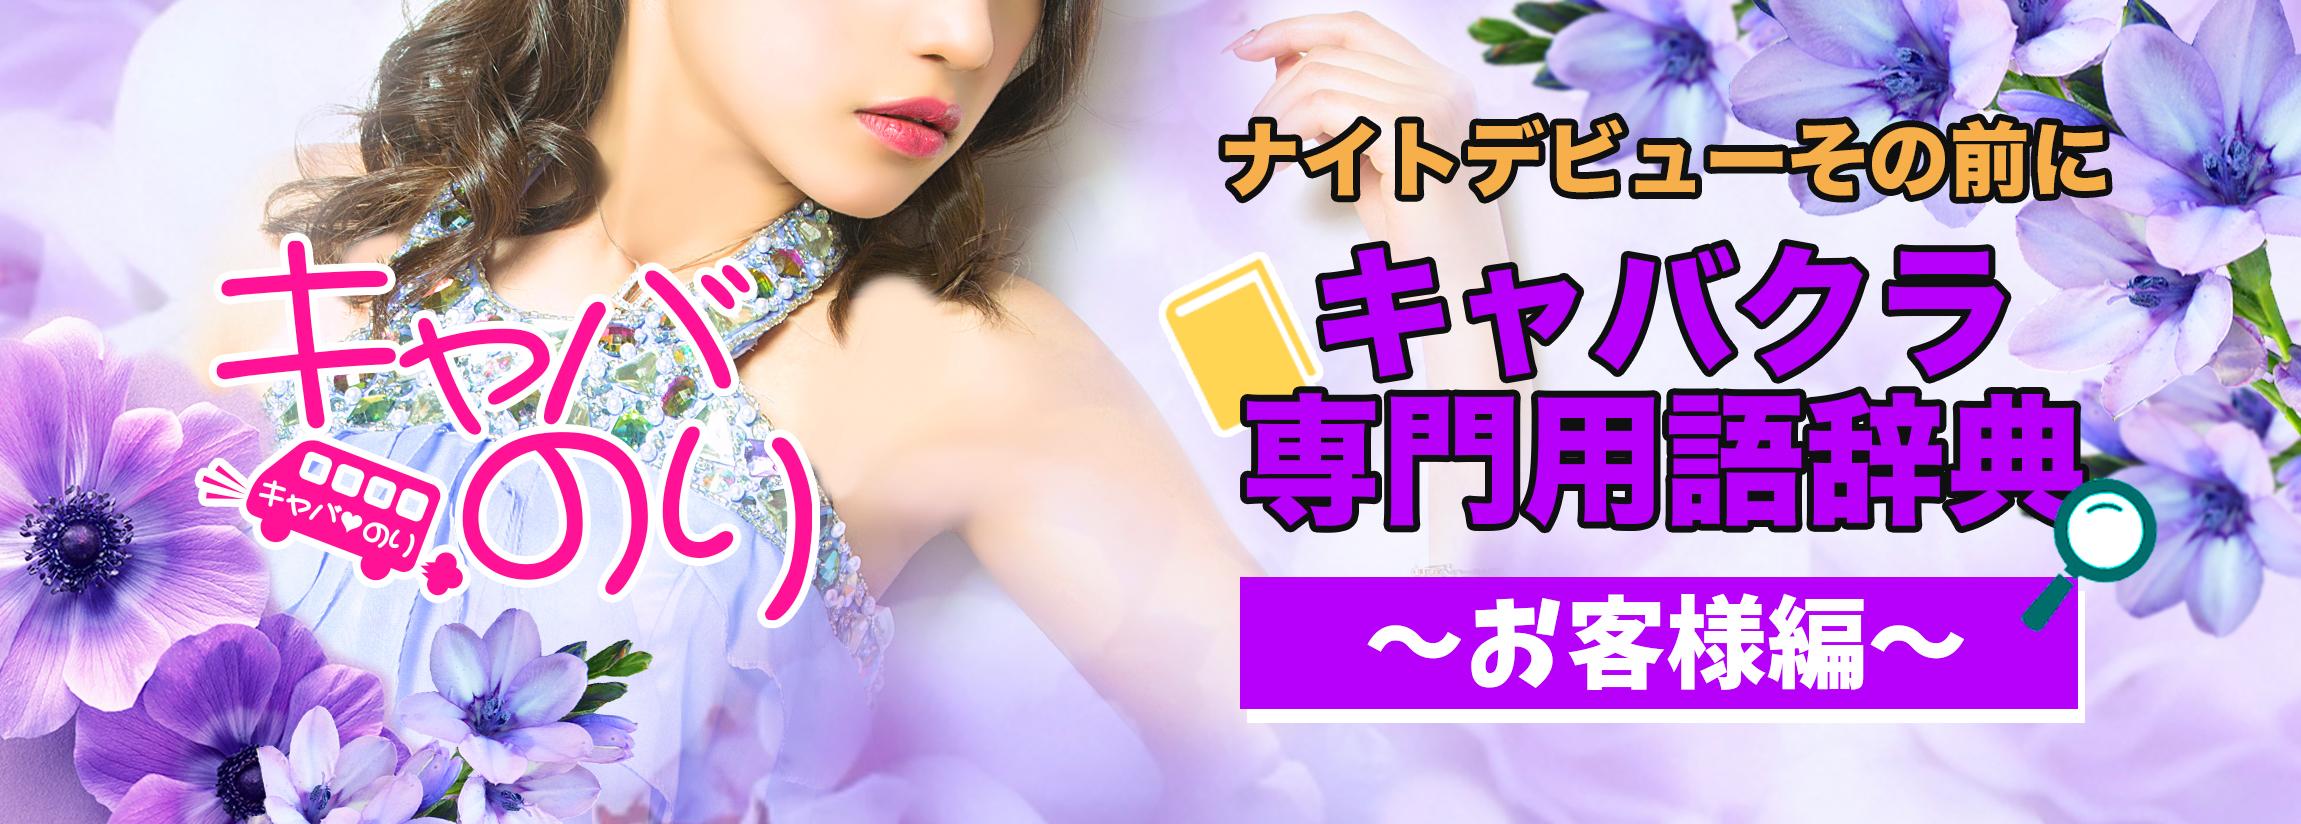 【覚えて安心♪】キャバクラ専門用語辞典〜お客様編〜【ナイトデビュー】